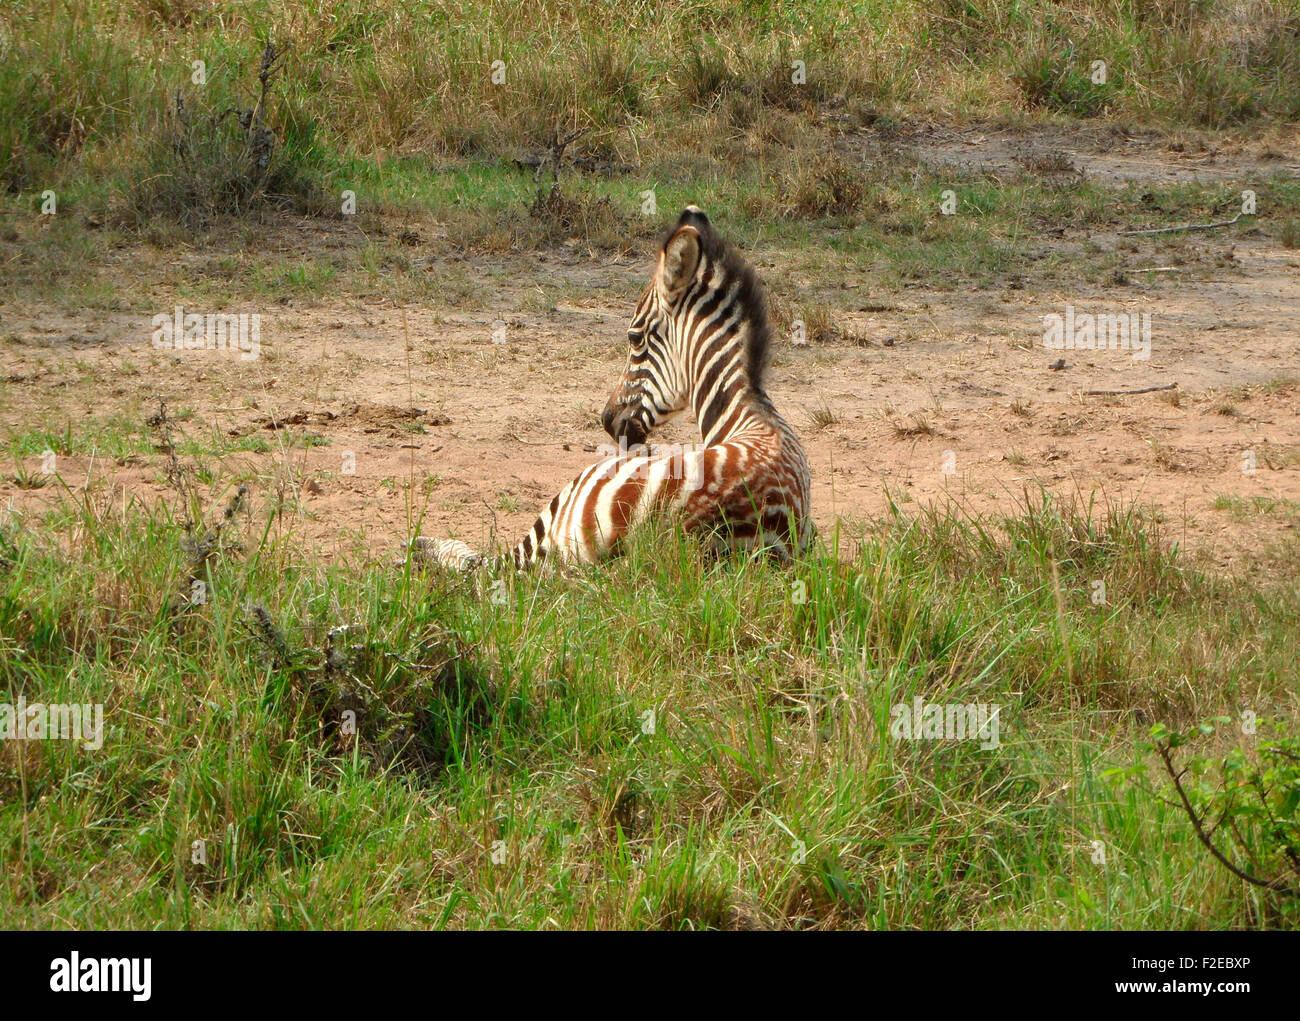 sitzendes Zebra-Baby, Queen Elizabeth National Park, Uganda. - Stock Image